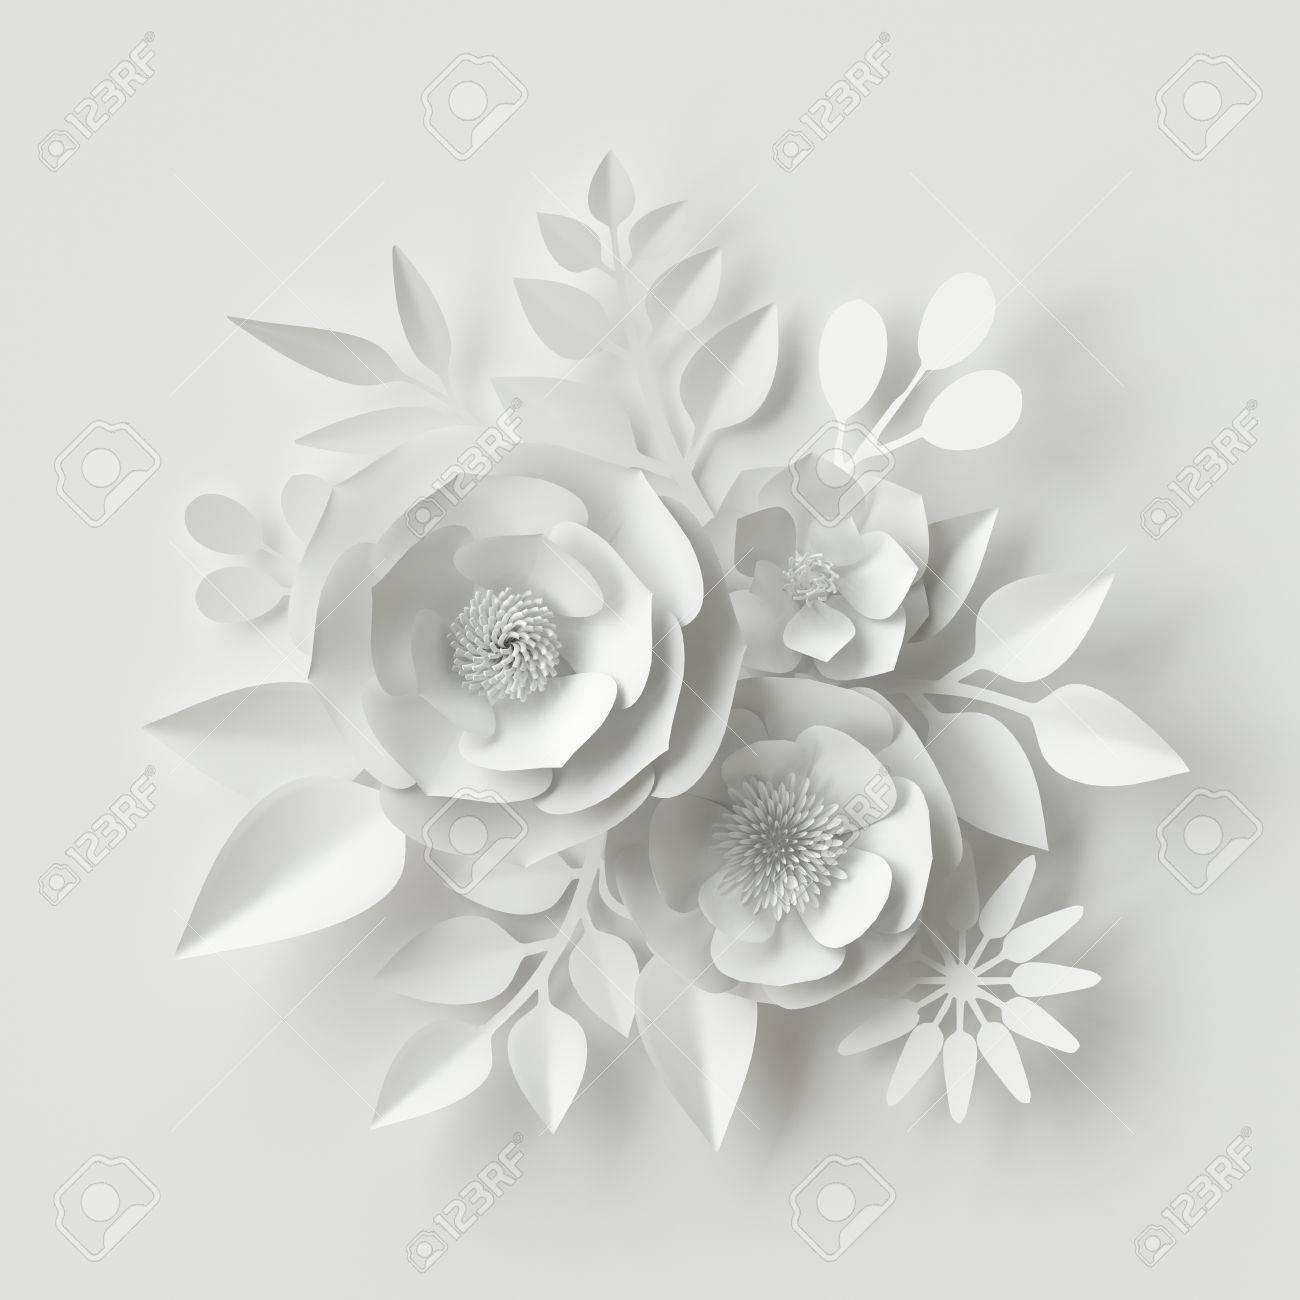 3d Render Digital Illustration White Paper Flowers Floral Stock